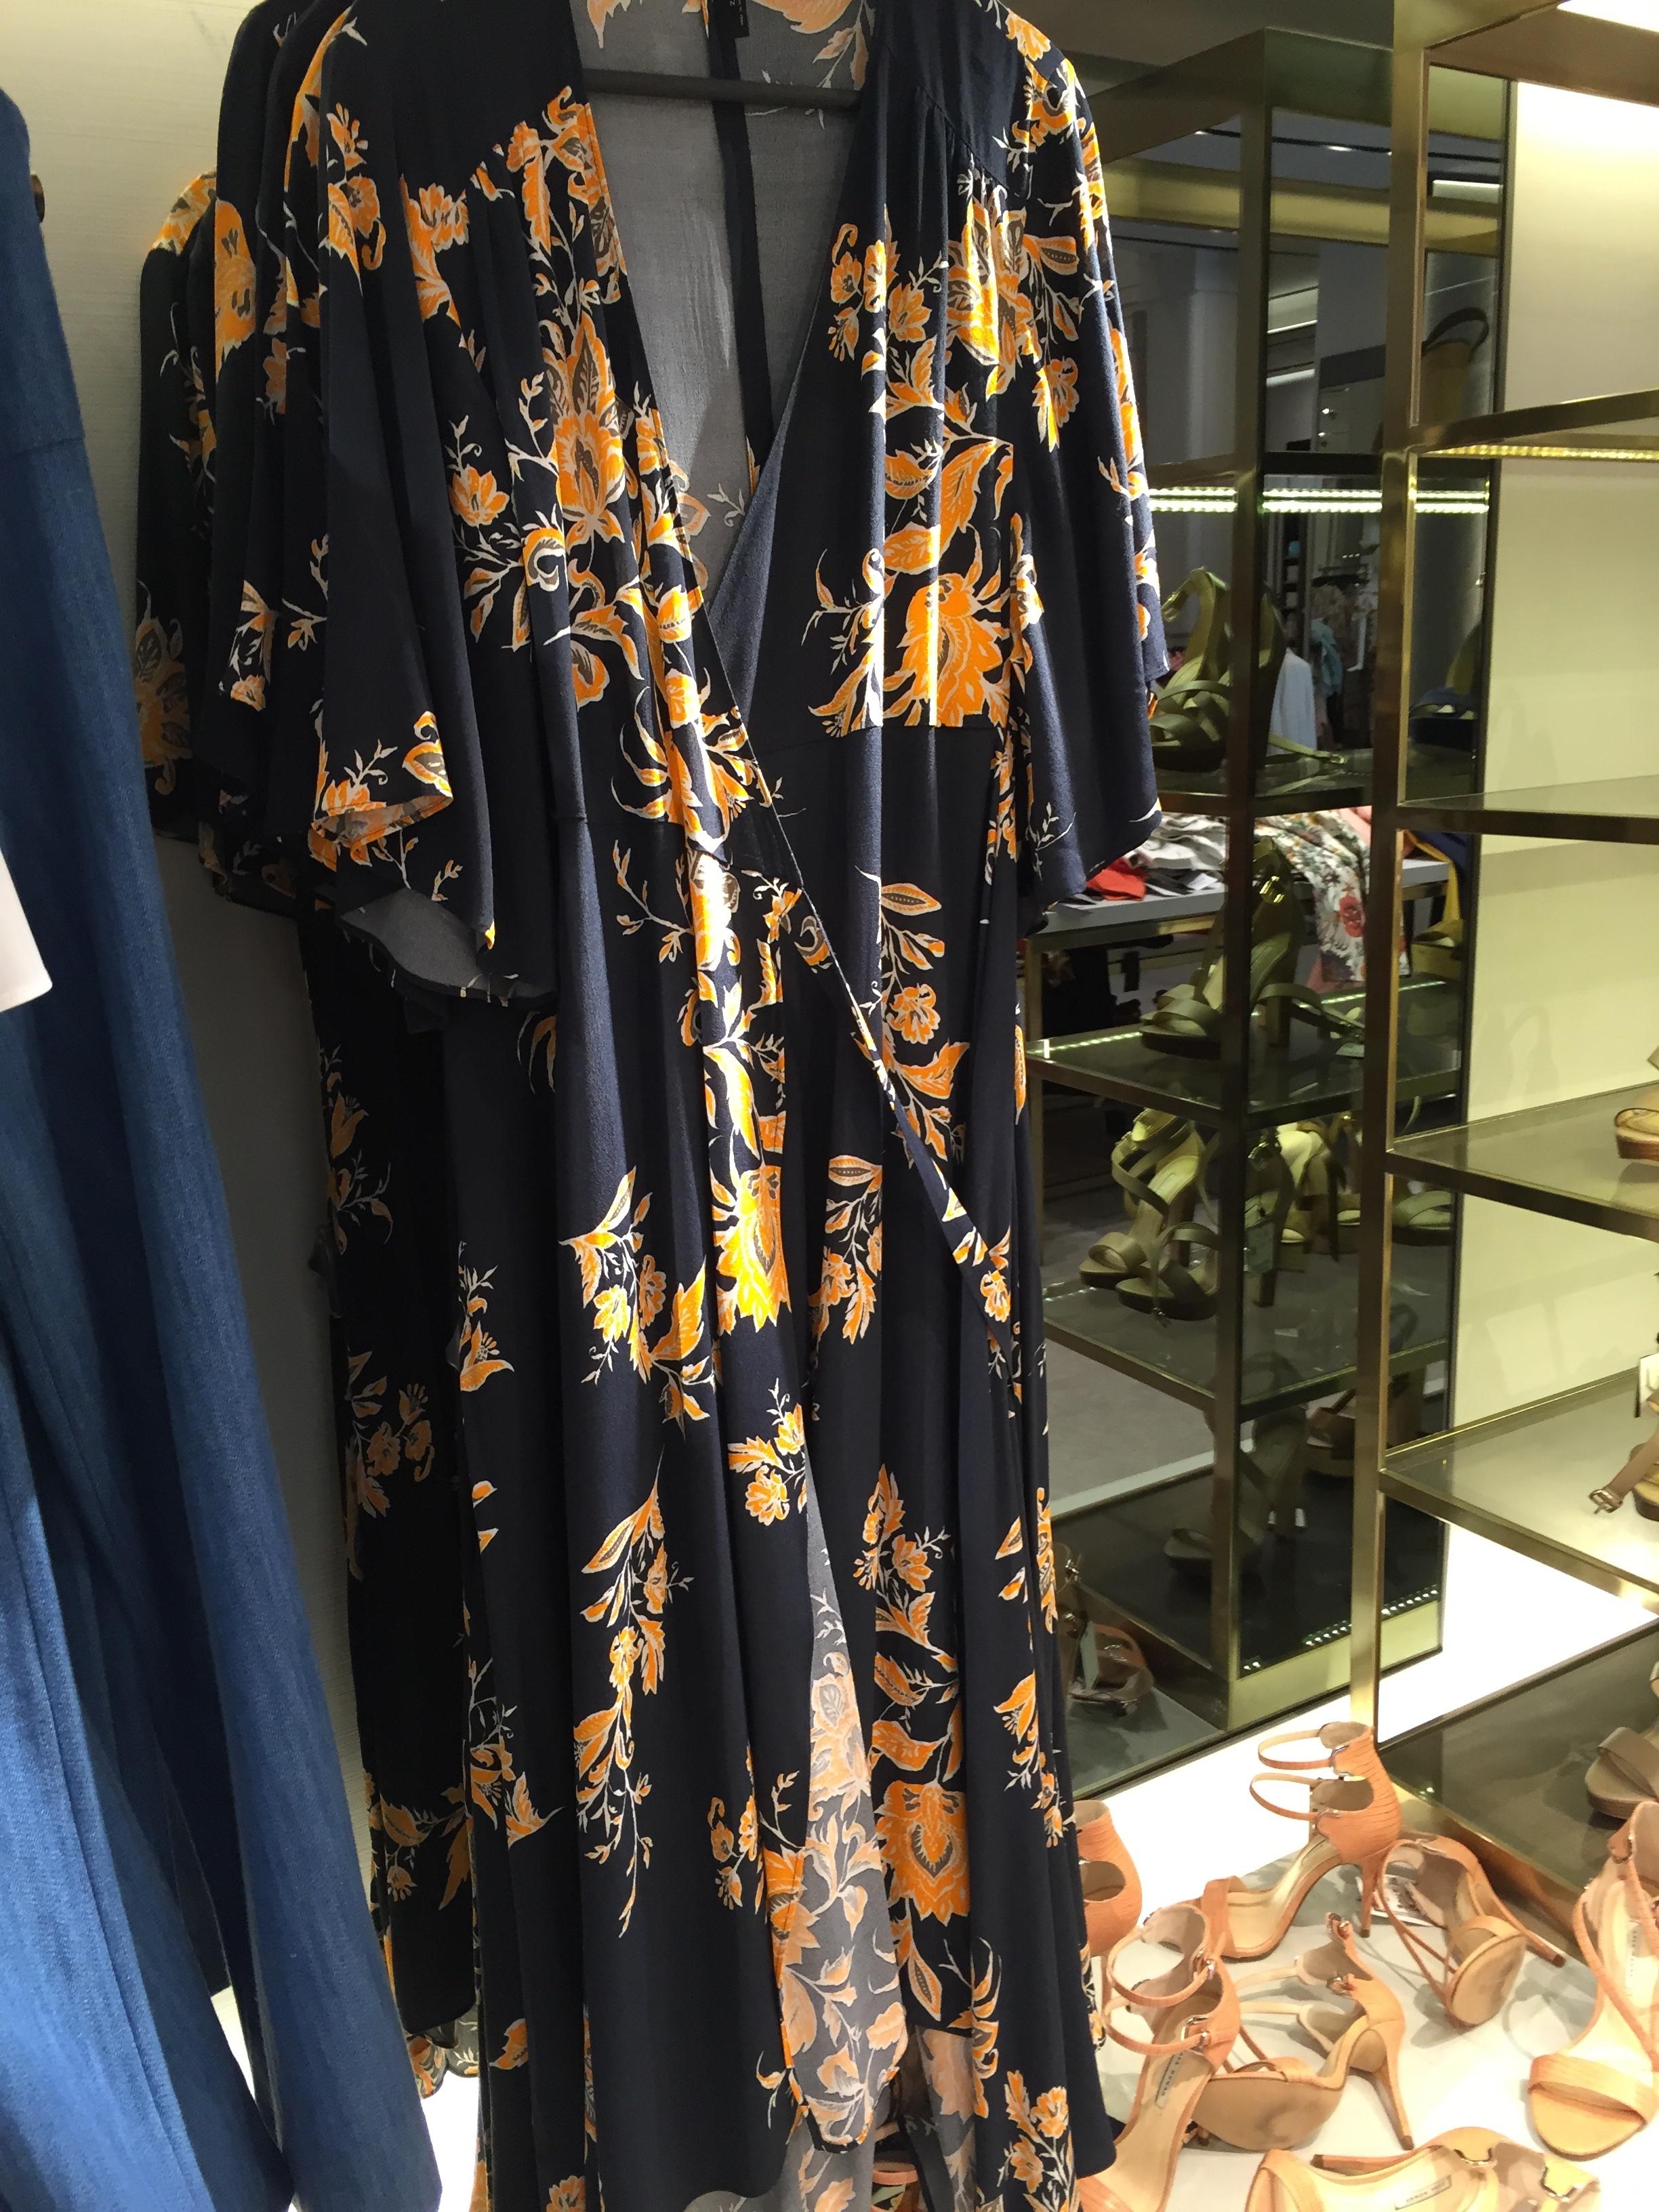 Zara - mais acessivel que nos USA, porem mais desarrumada a loja